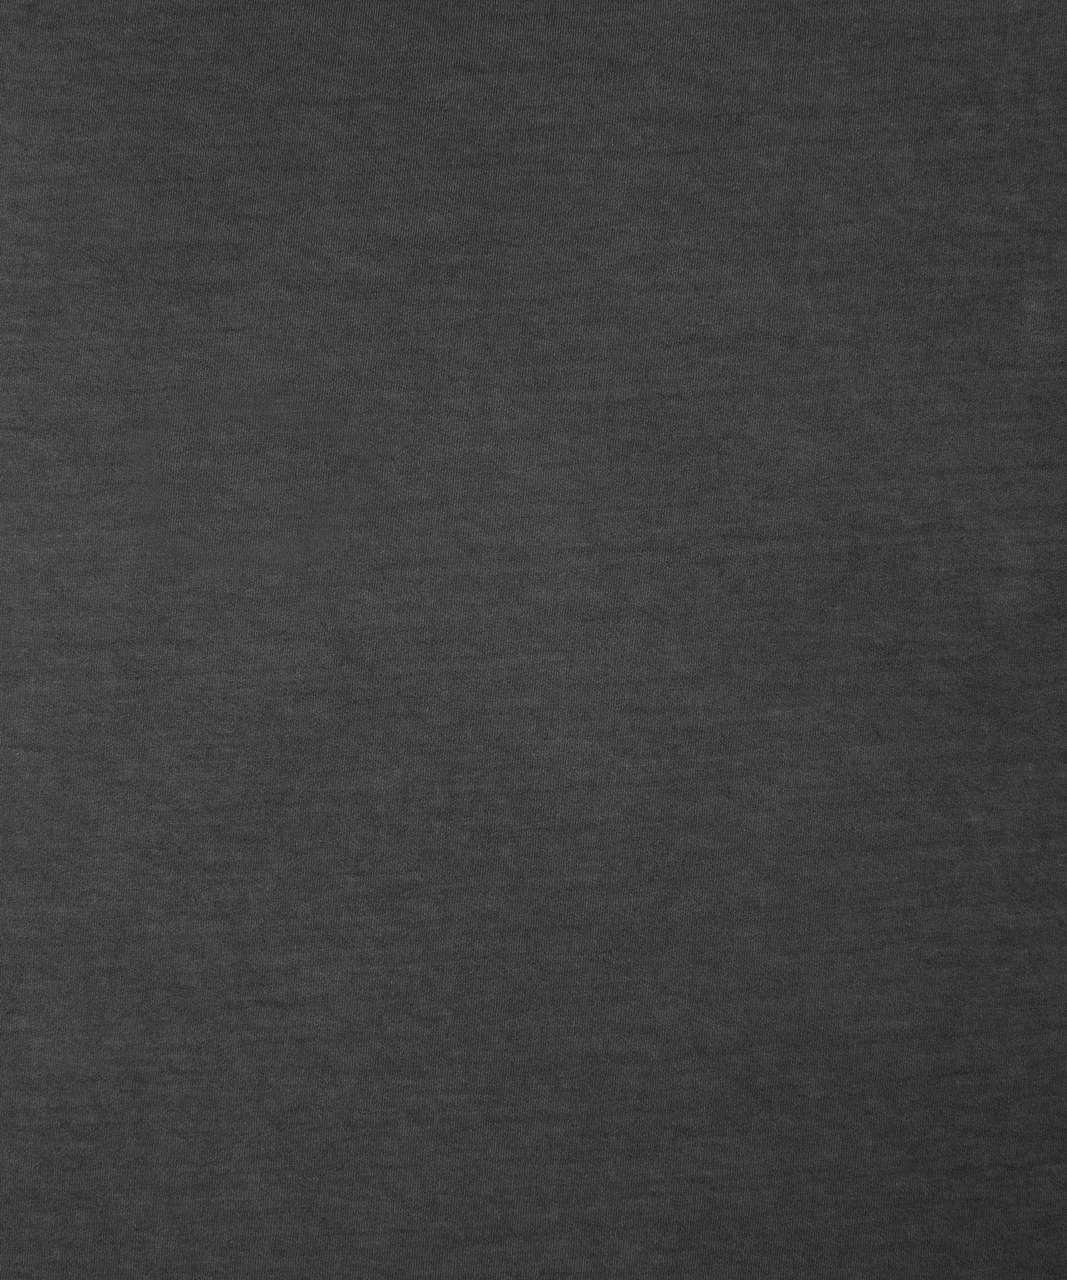 Lululemon Brunswick Muscle Tank *Wash - Washed Black